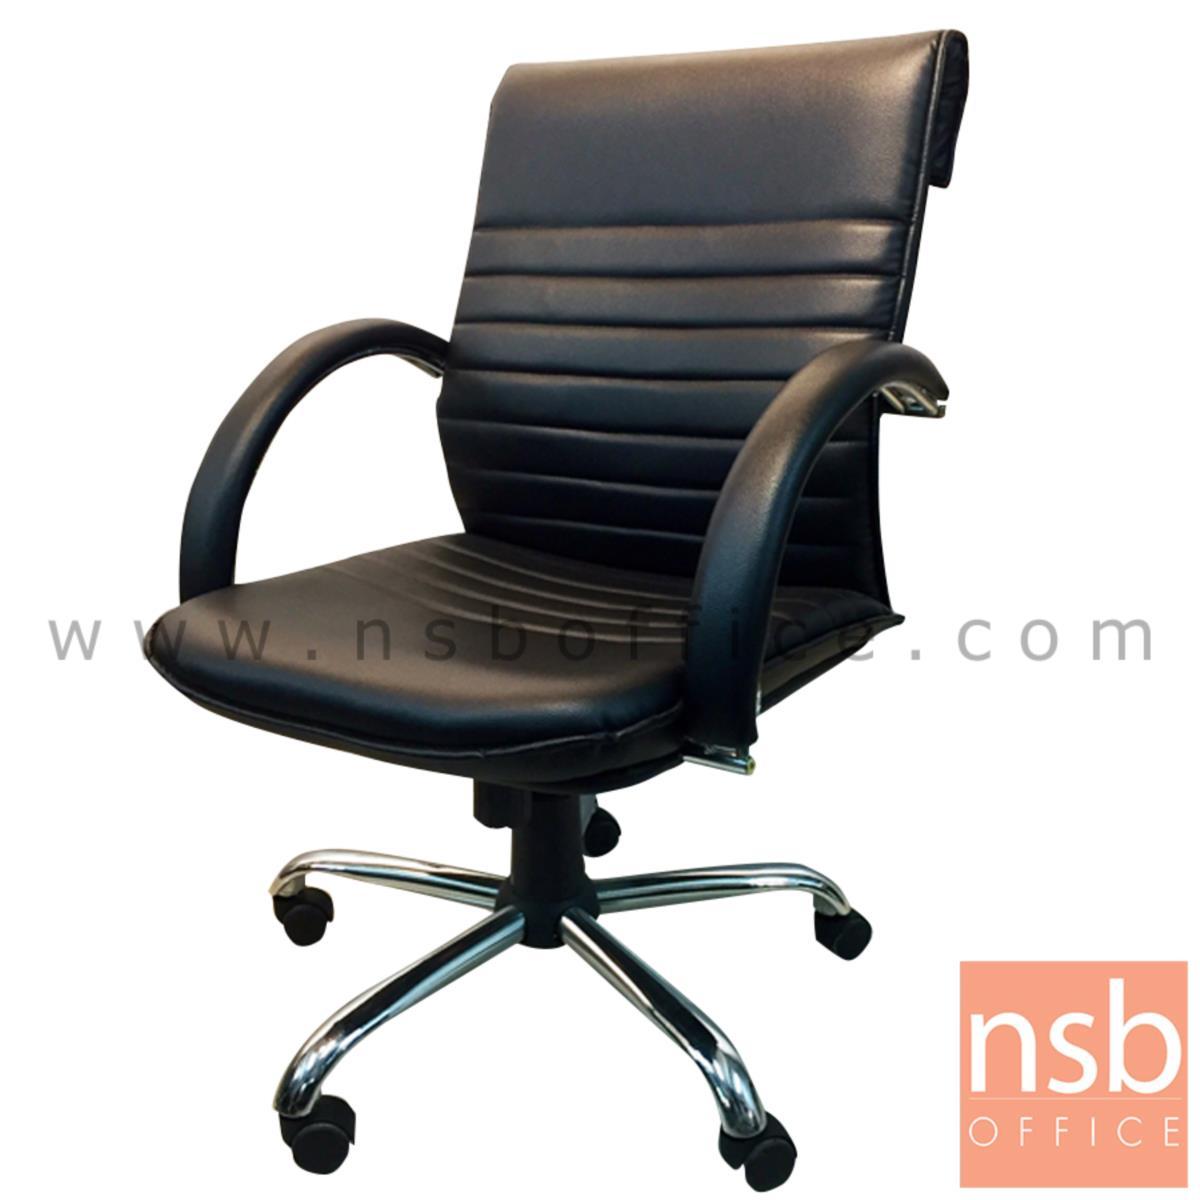 B26A081:เก้าอี้สำนักงานพนักพิงระดับไหล่  รุ่น Harold (แฮโรลด์) ขาเหล็กชุบโครเมี่ยม โช๊คแก๊ส ก้อนโยก